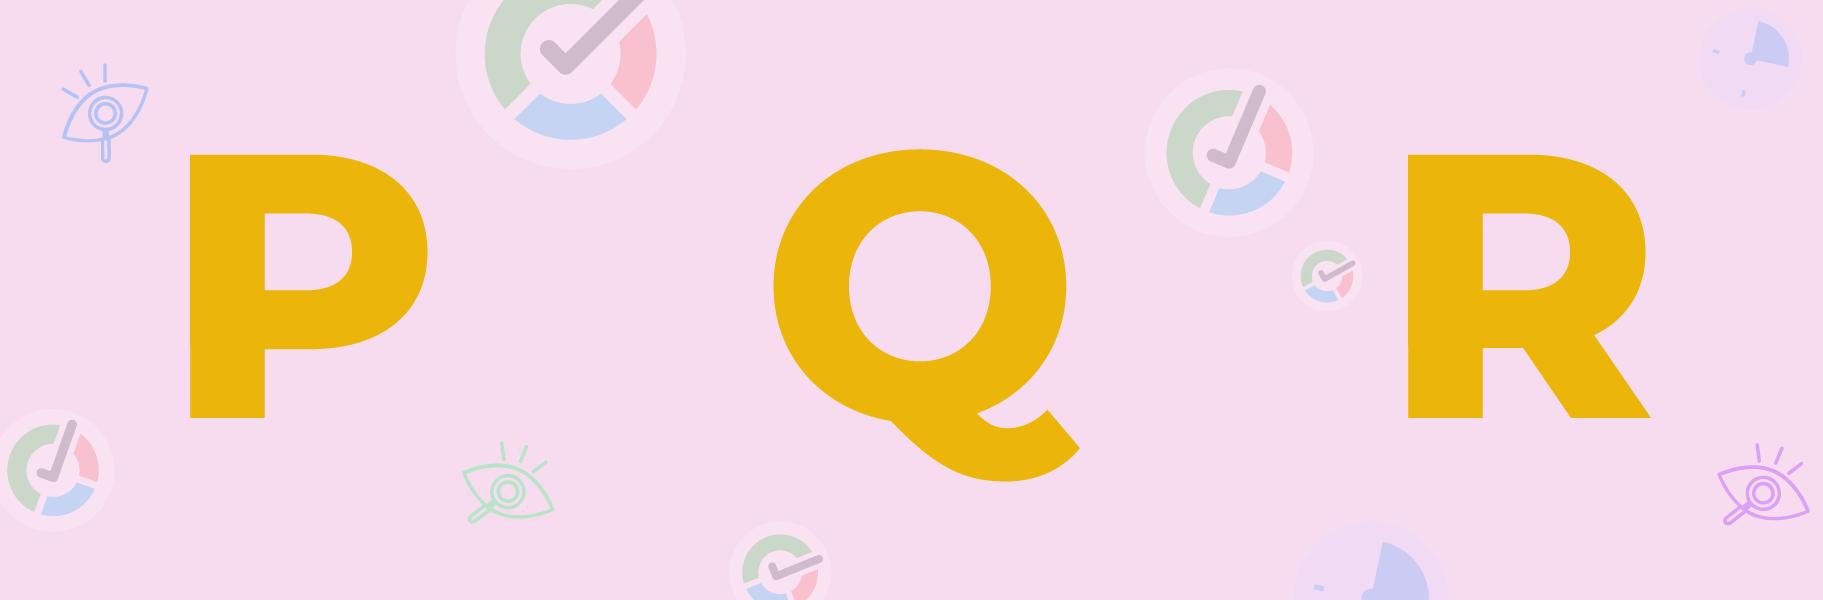 p q r letters image